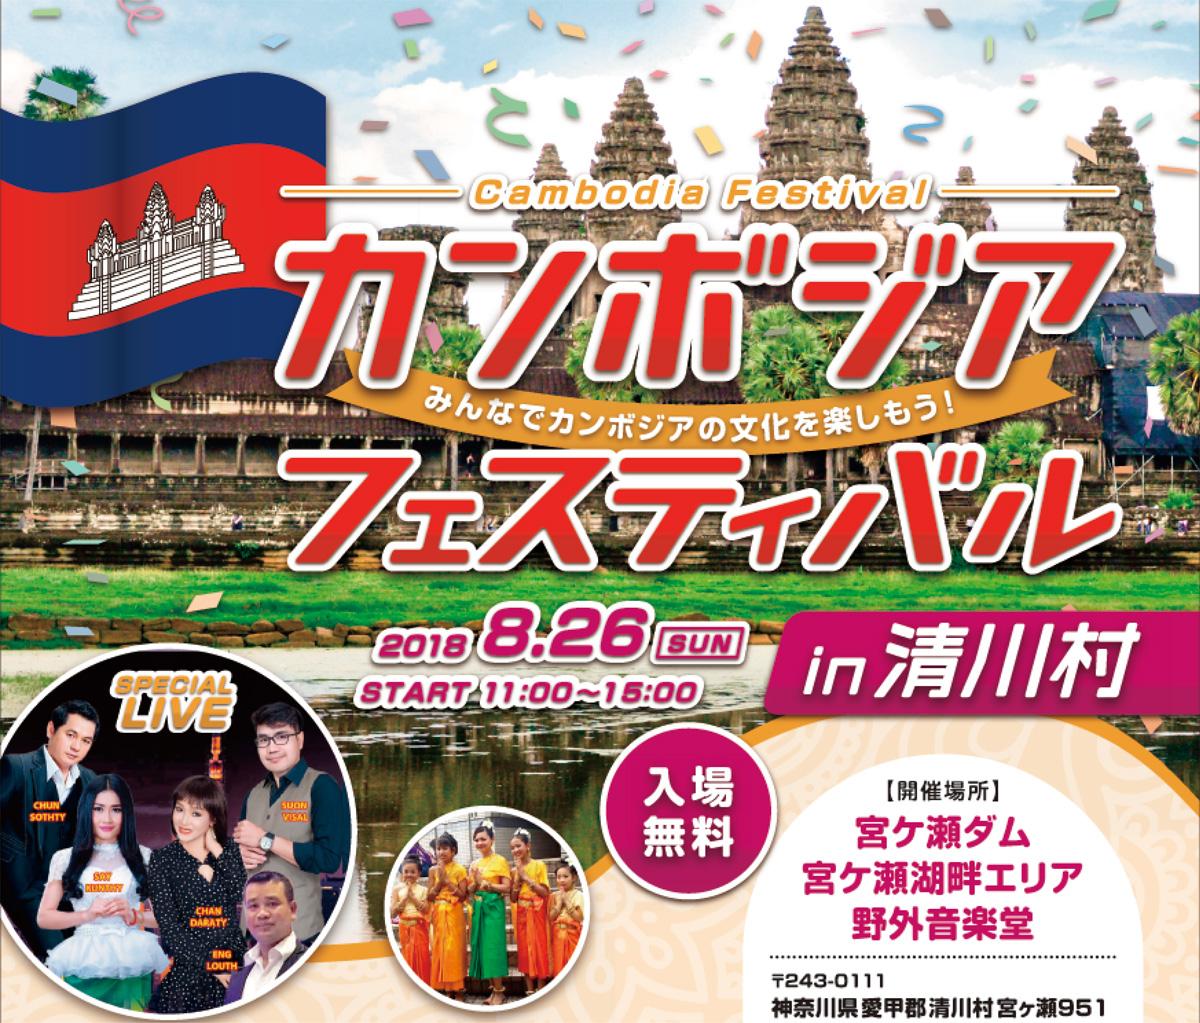 カンボジアの文化を楽しもう